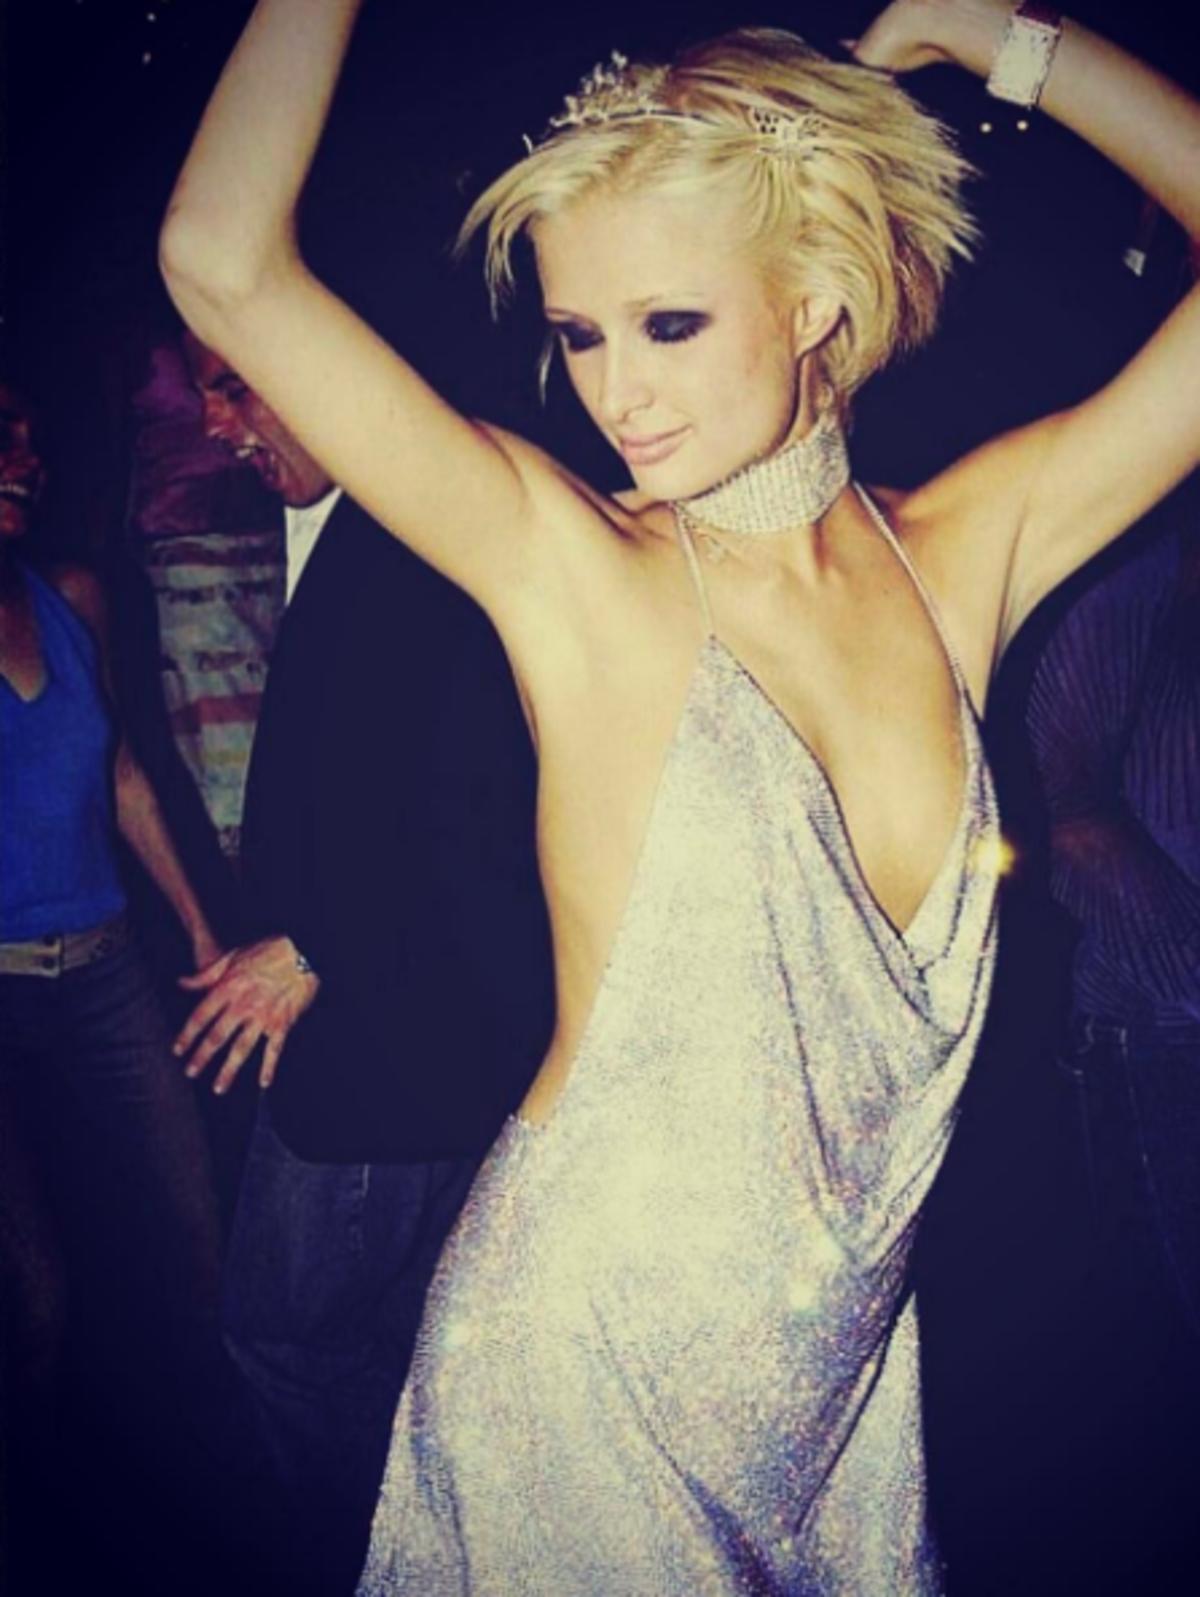 Paris Hilton w krótkich blond włosach